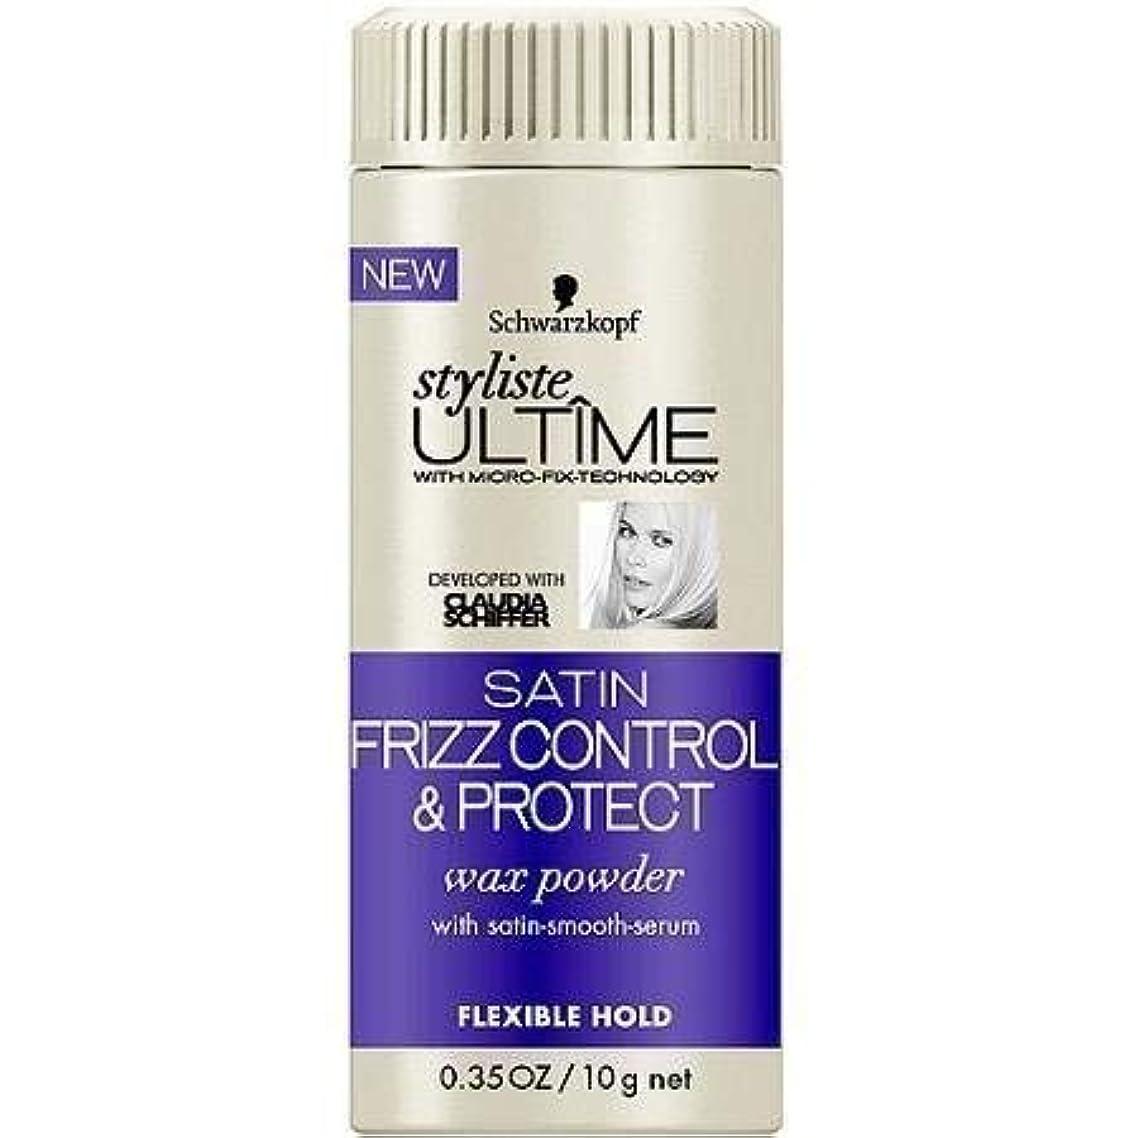 Schwarzkopf Styliste Ultime Satin Frizz Control Wax Powder, 0.72 Ounce